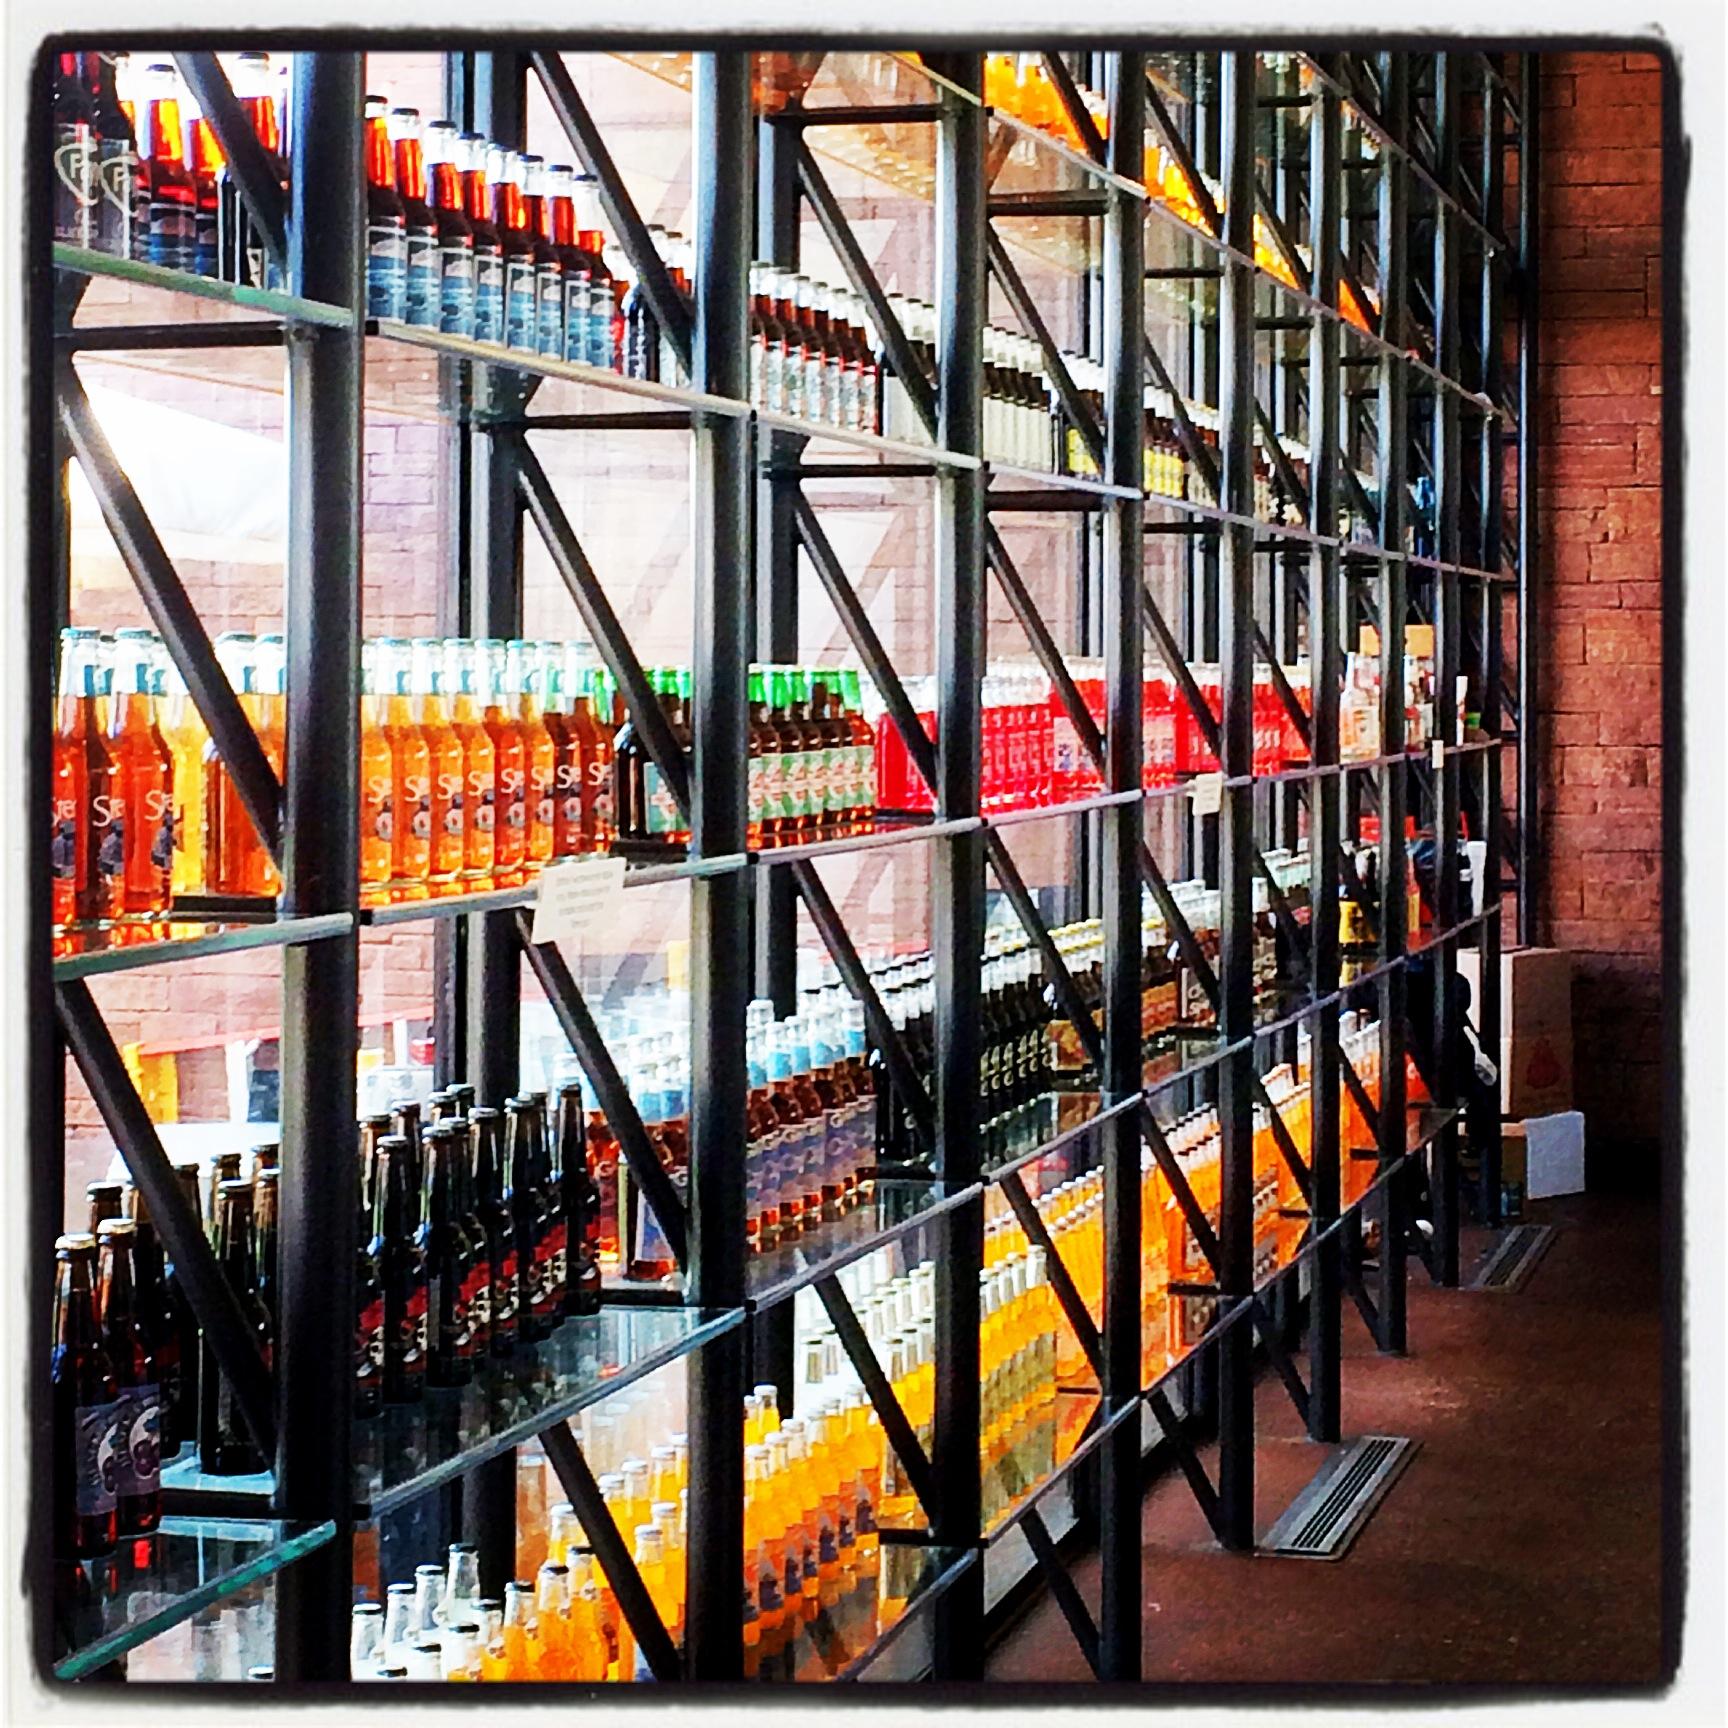 Wall of Soda - POPS - Arcadia, OK